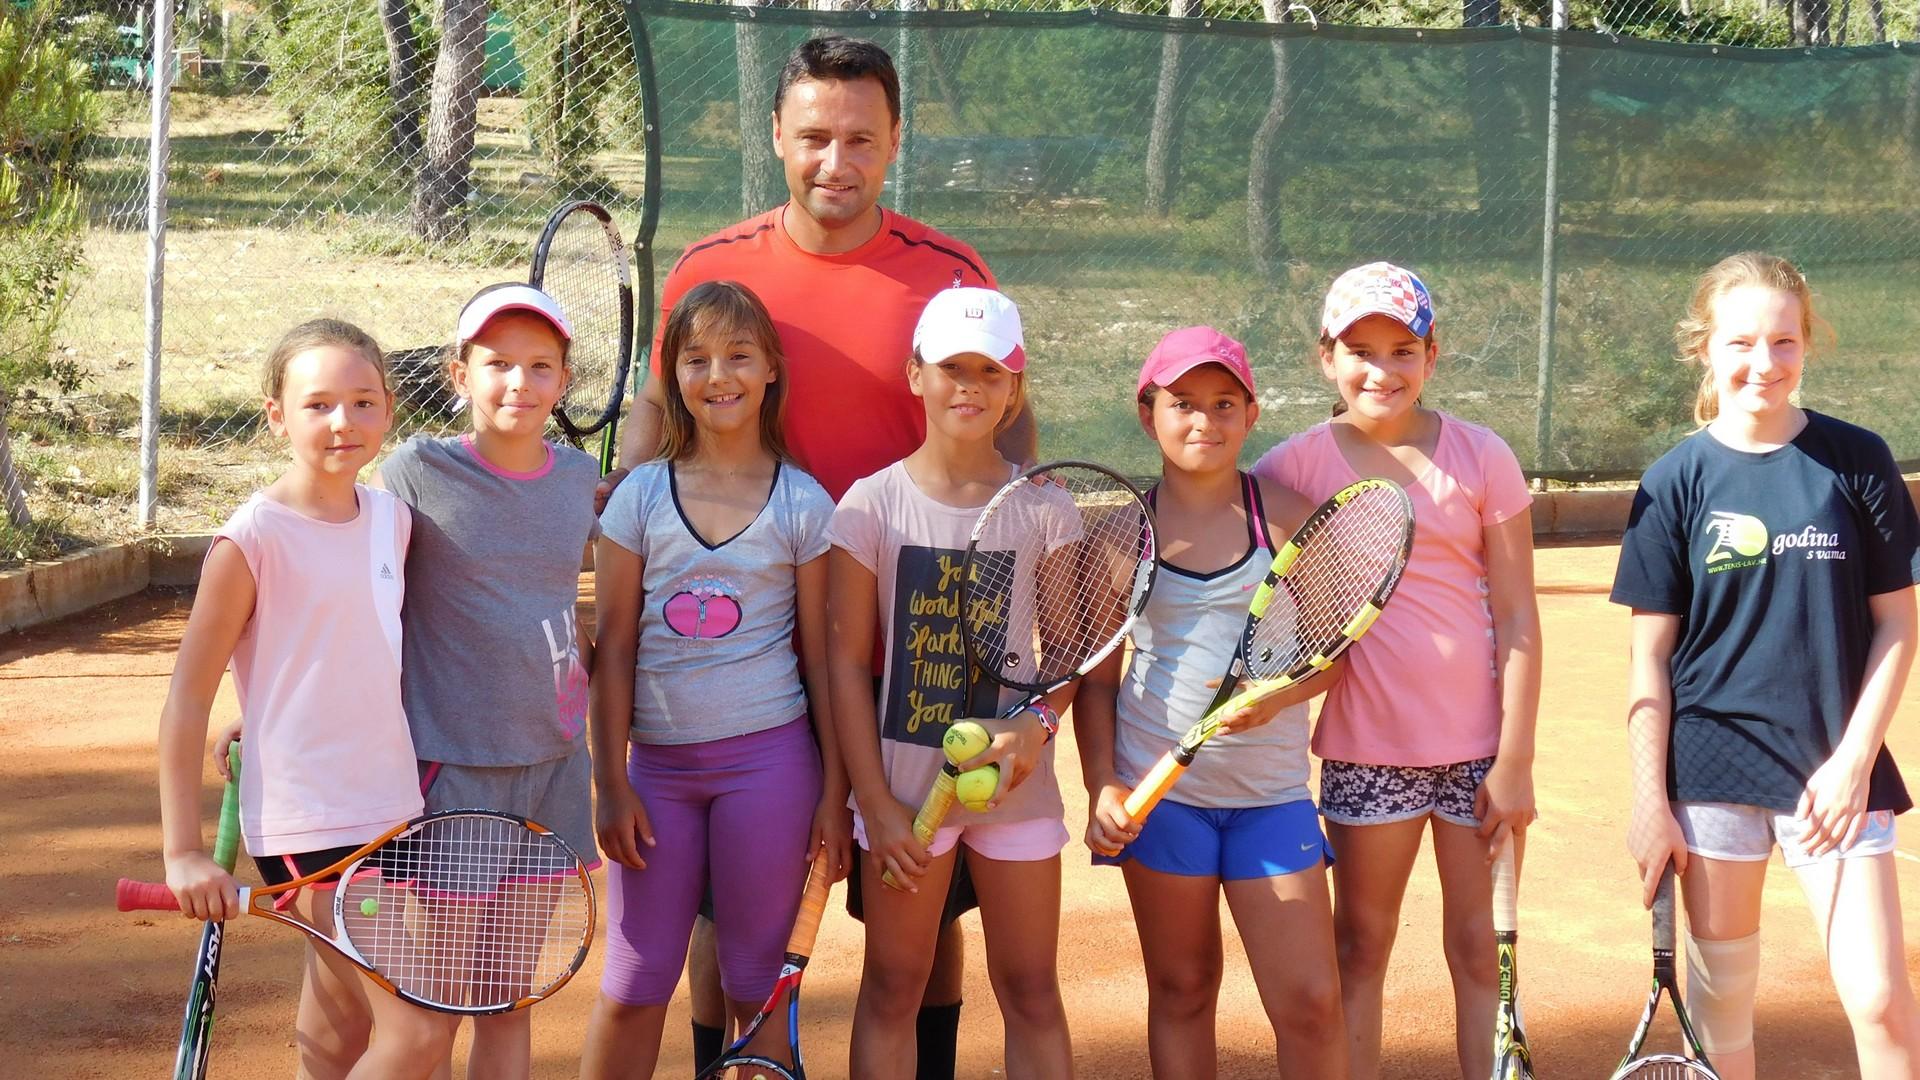 Tenis kamp Zaton 2017 (58)